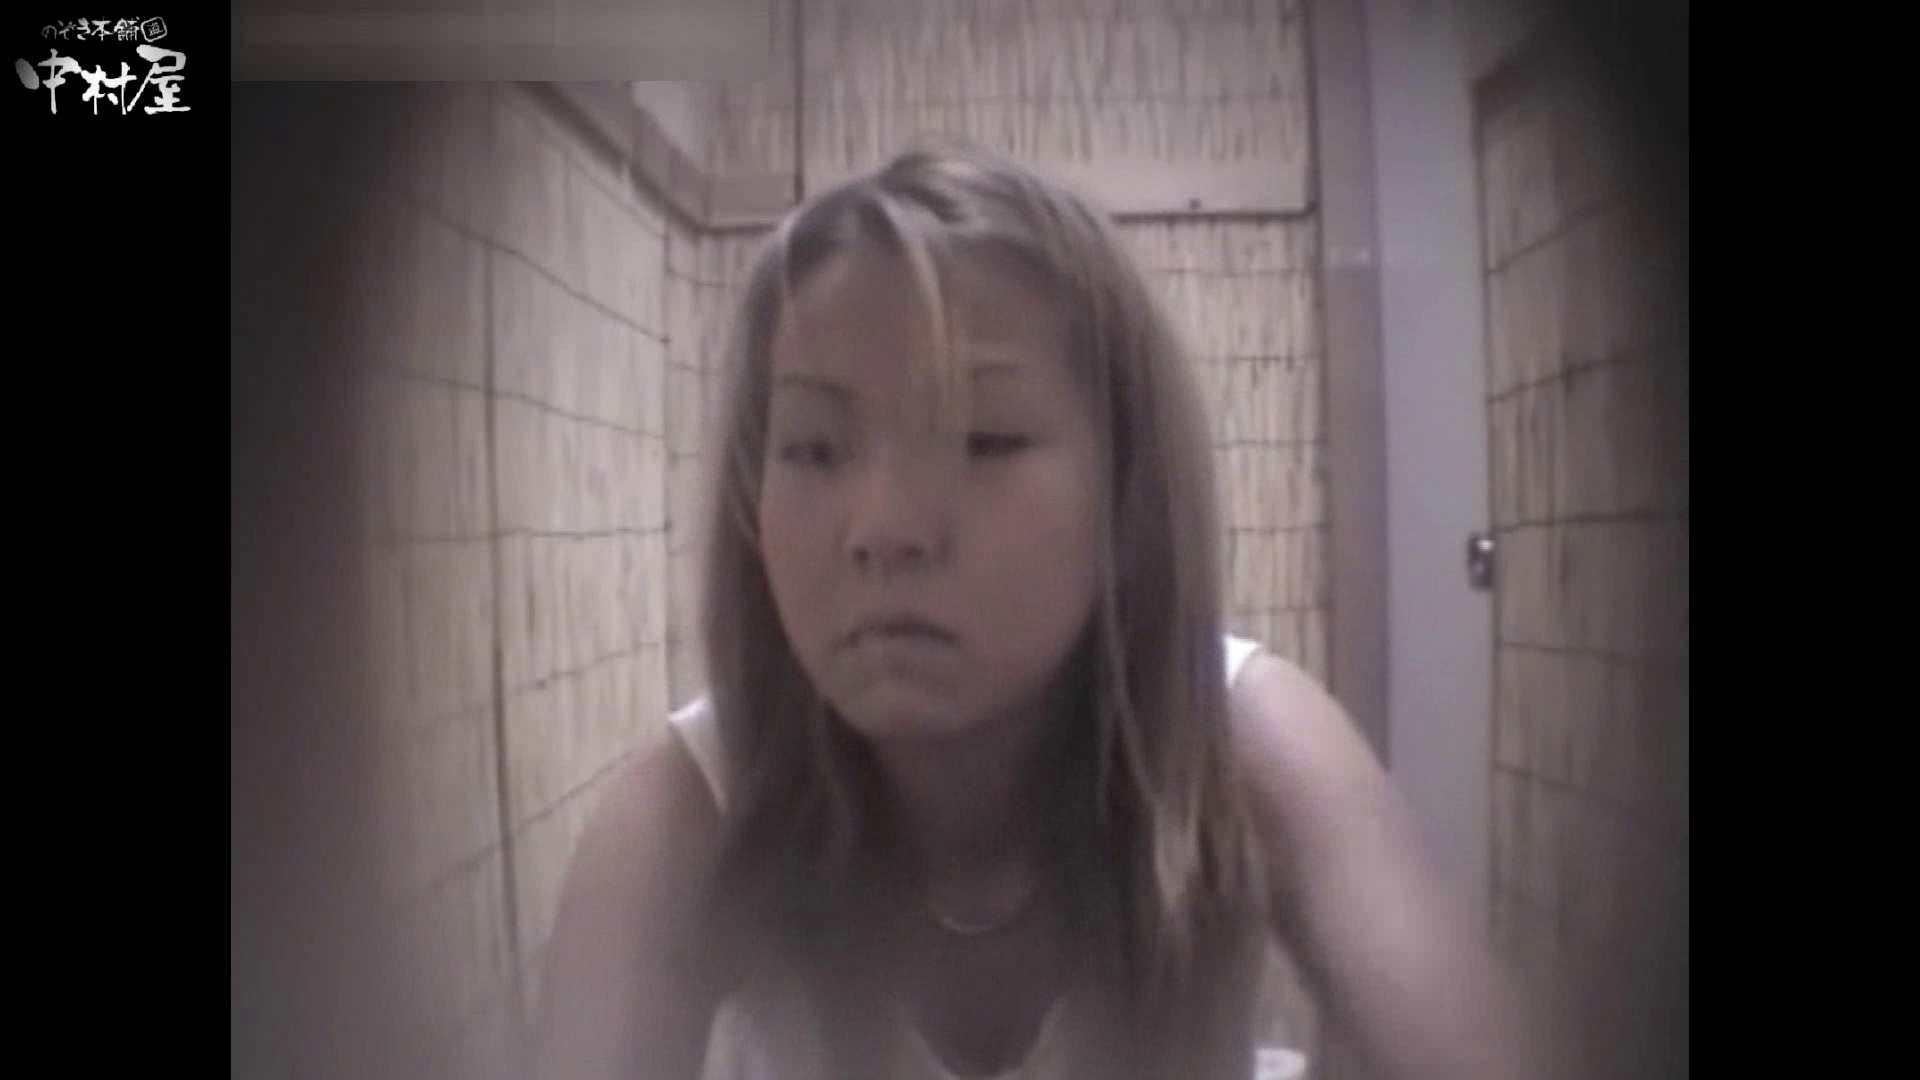 解禁!海の家4カメ洗面所vol.47 OLのエロ生活  69連発 12